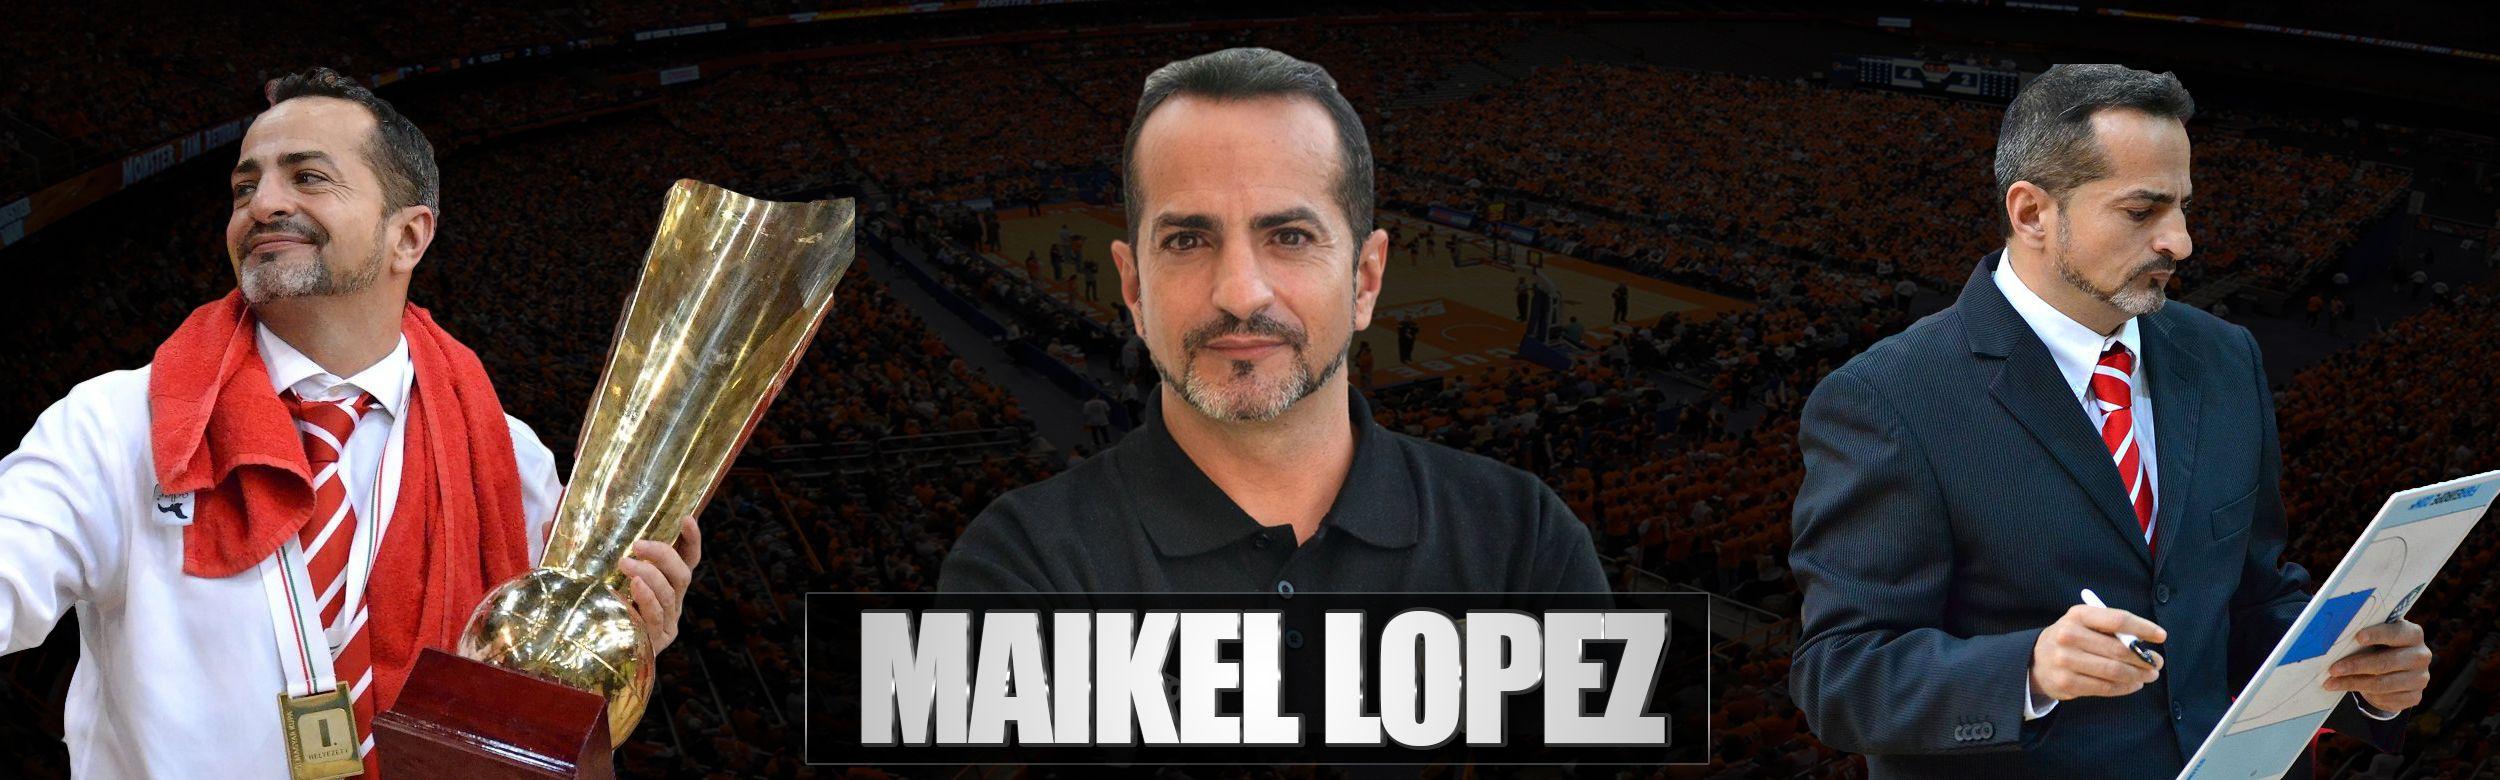 Maikel López